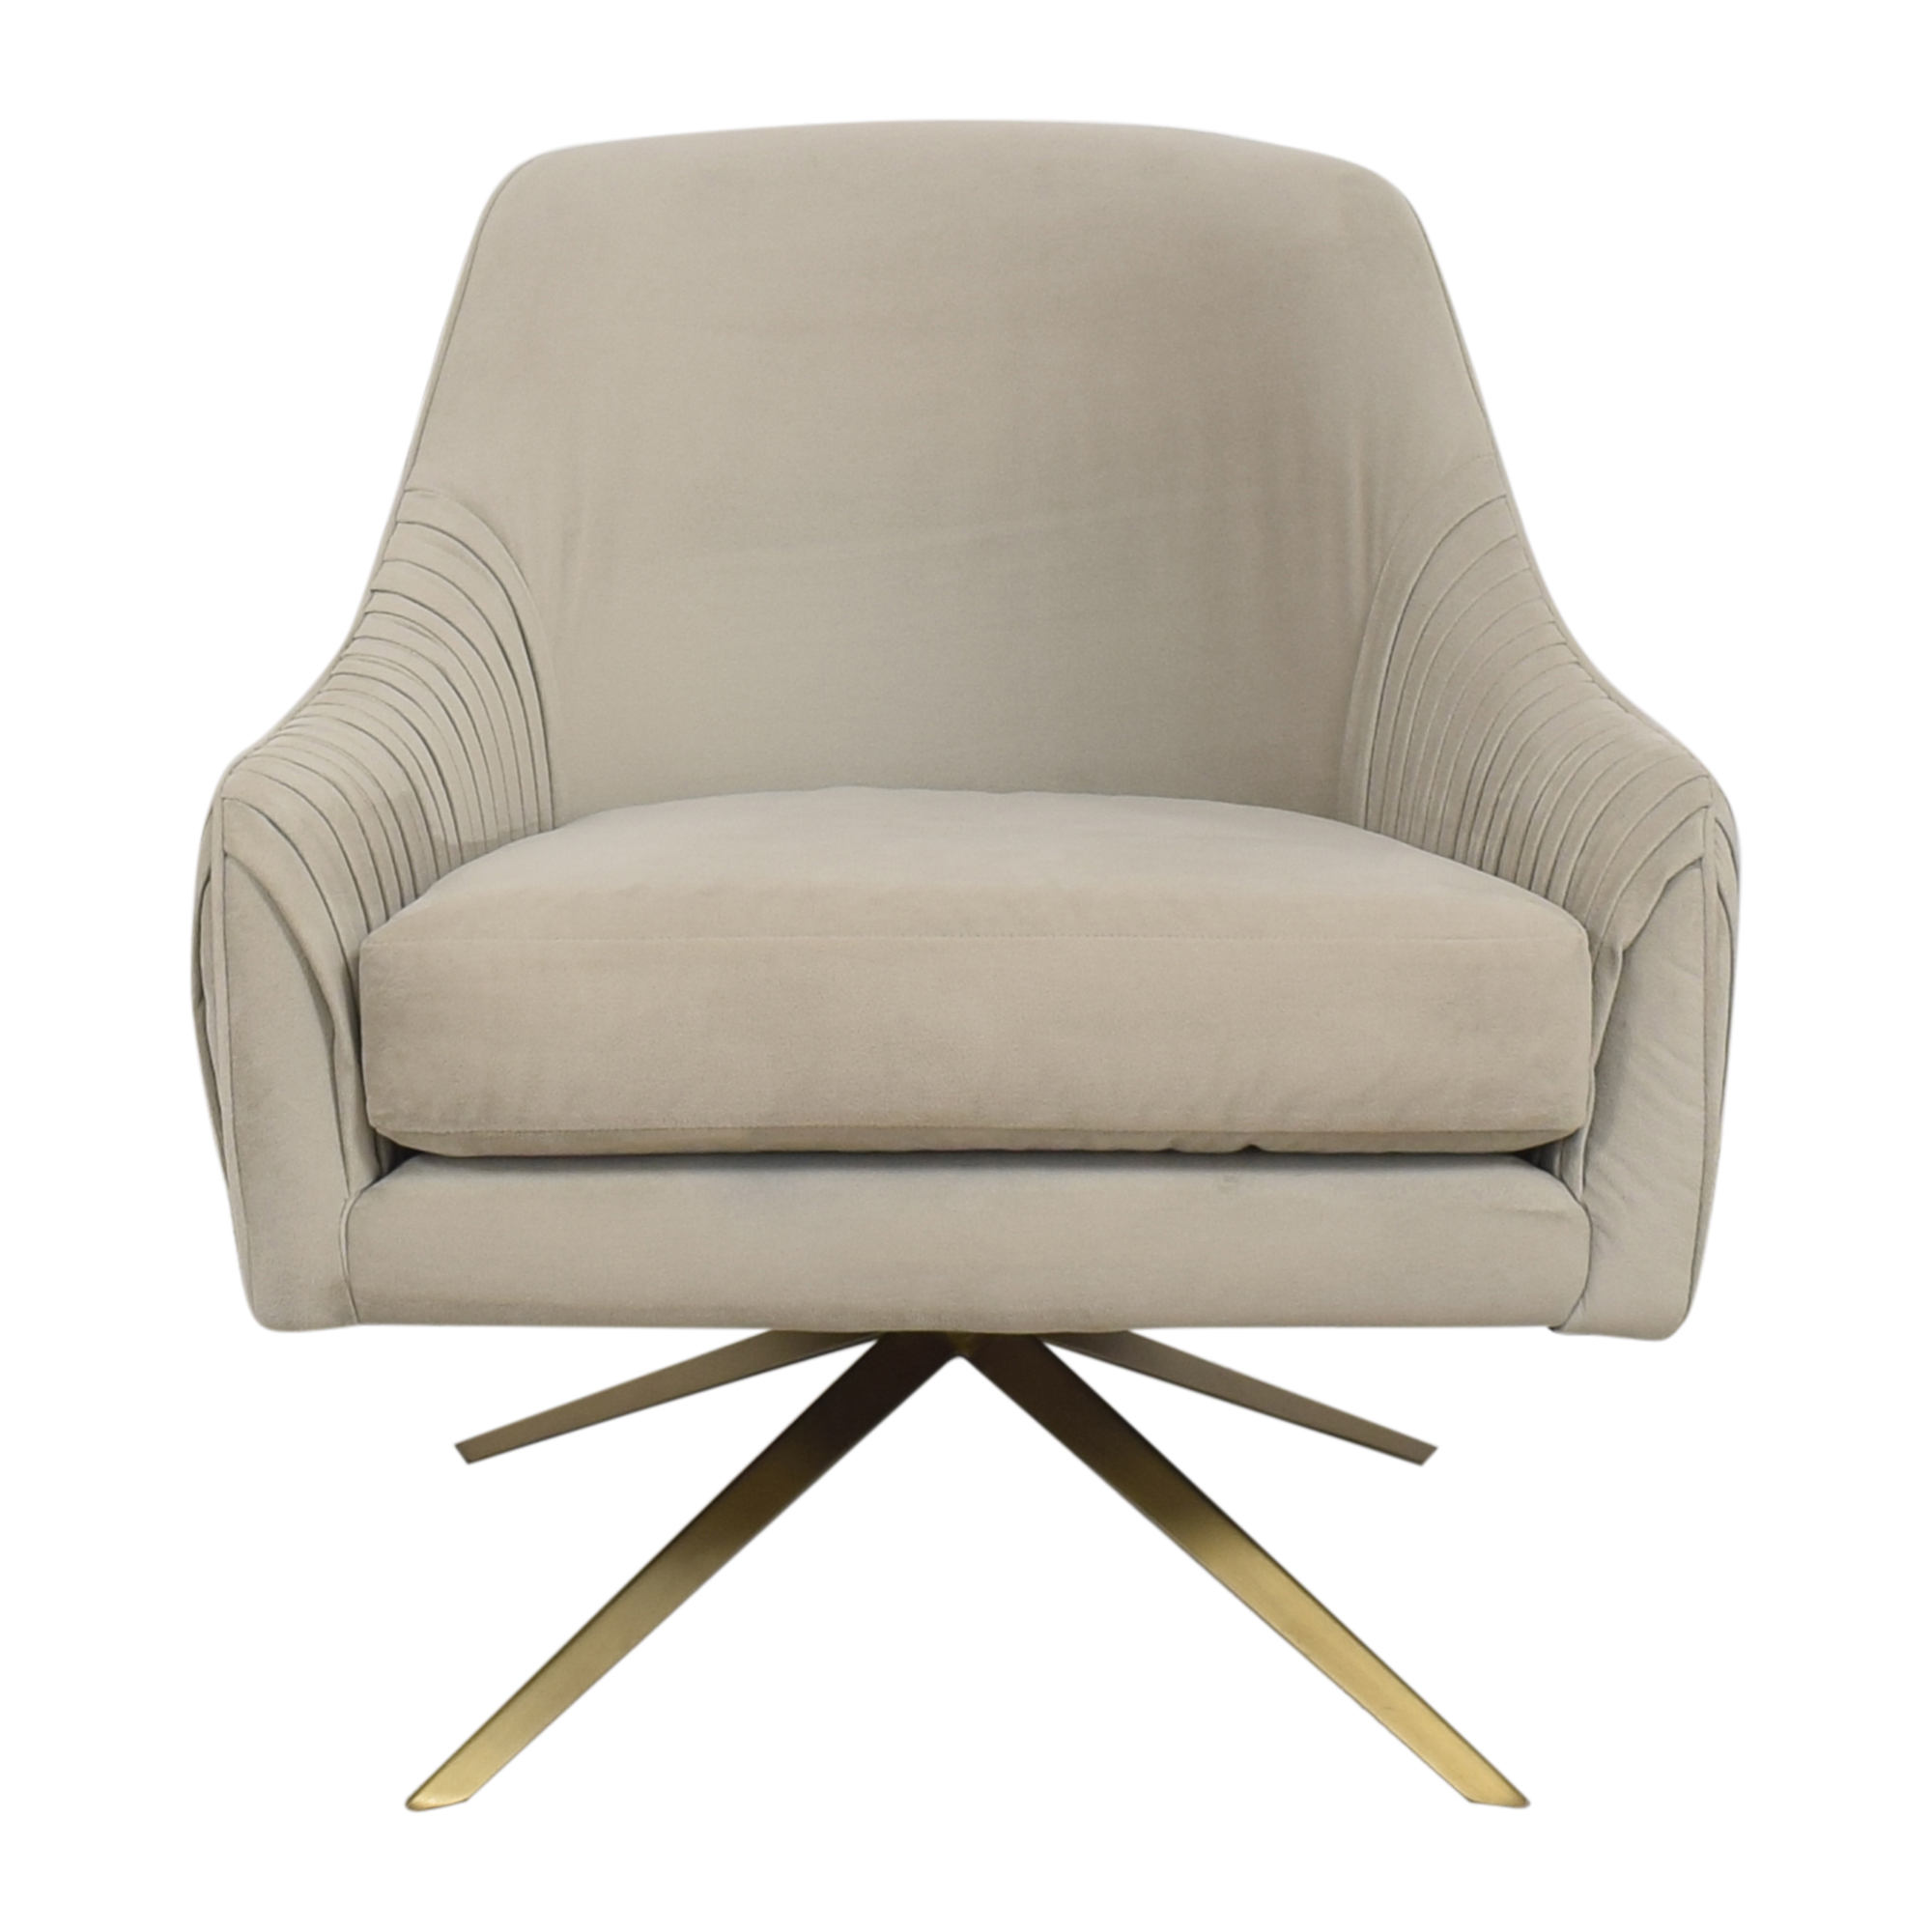 West Elm West Elm Roar & Rabbit Pleated Swivel Chair Beige